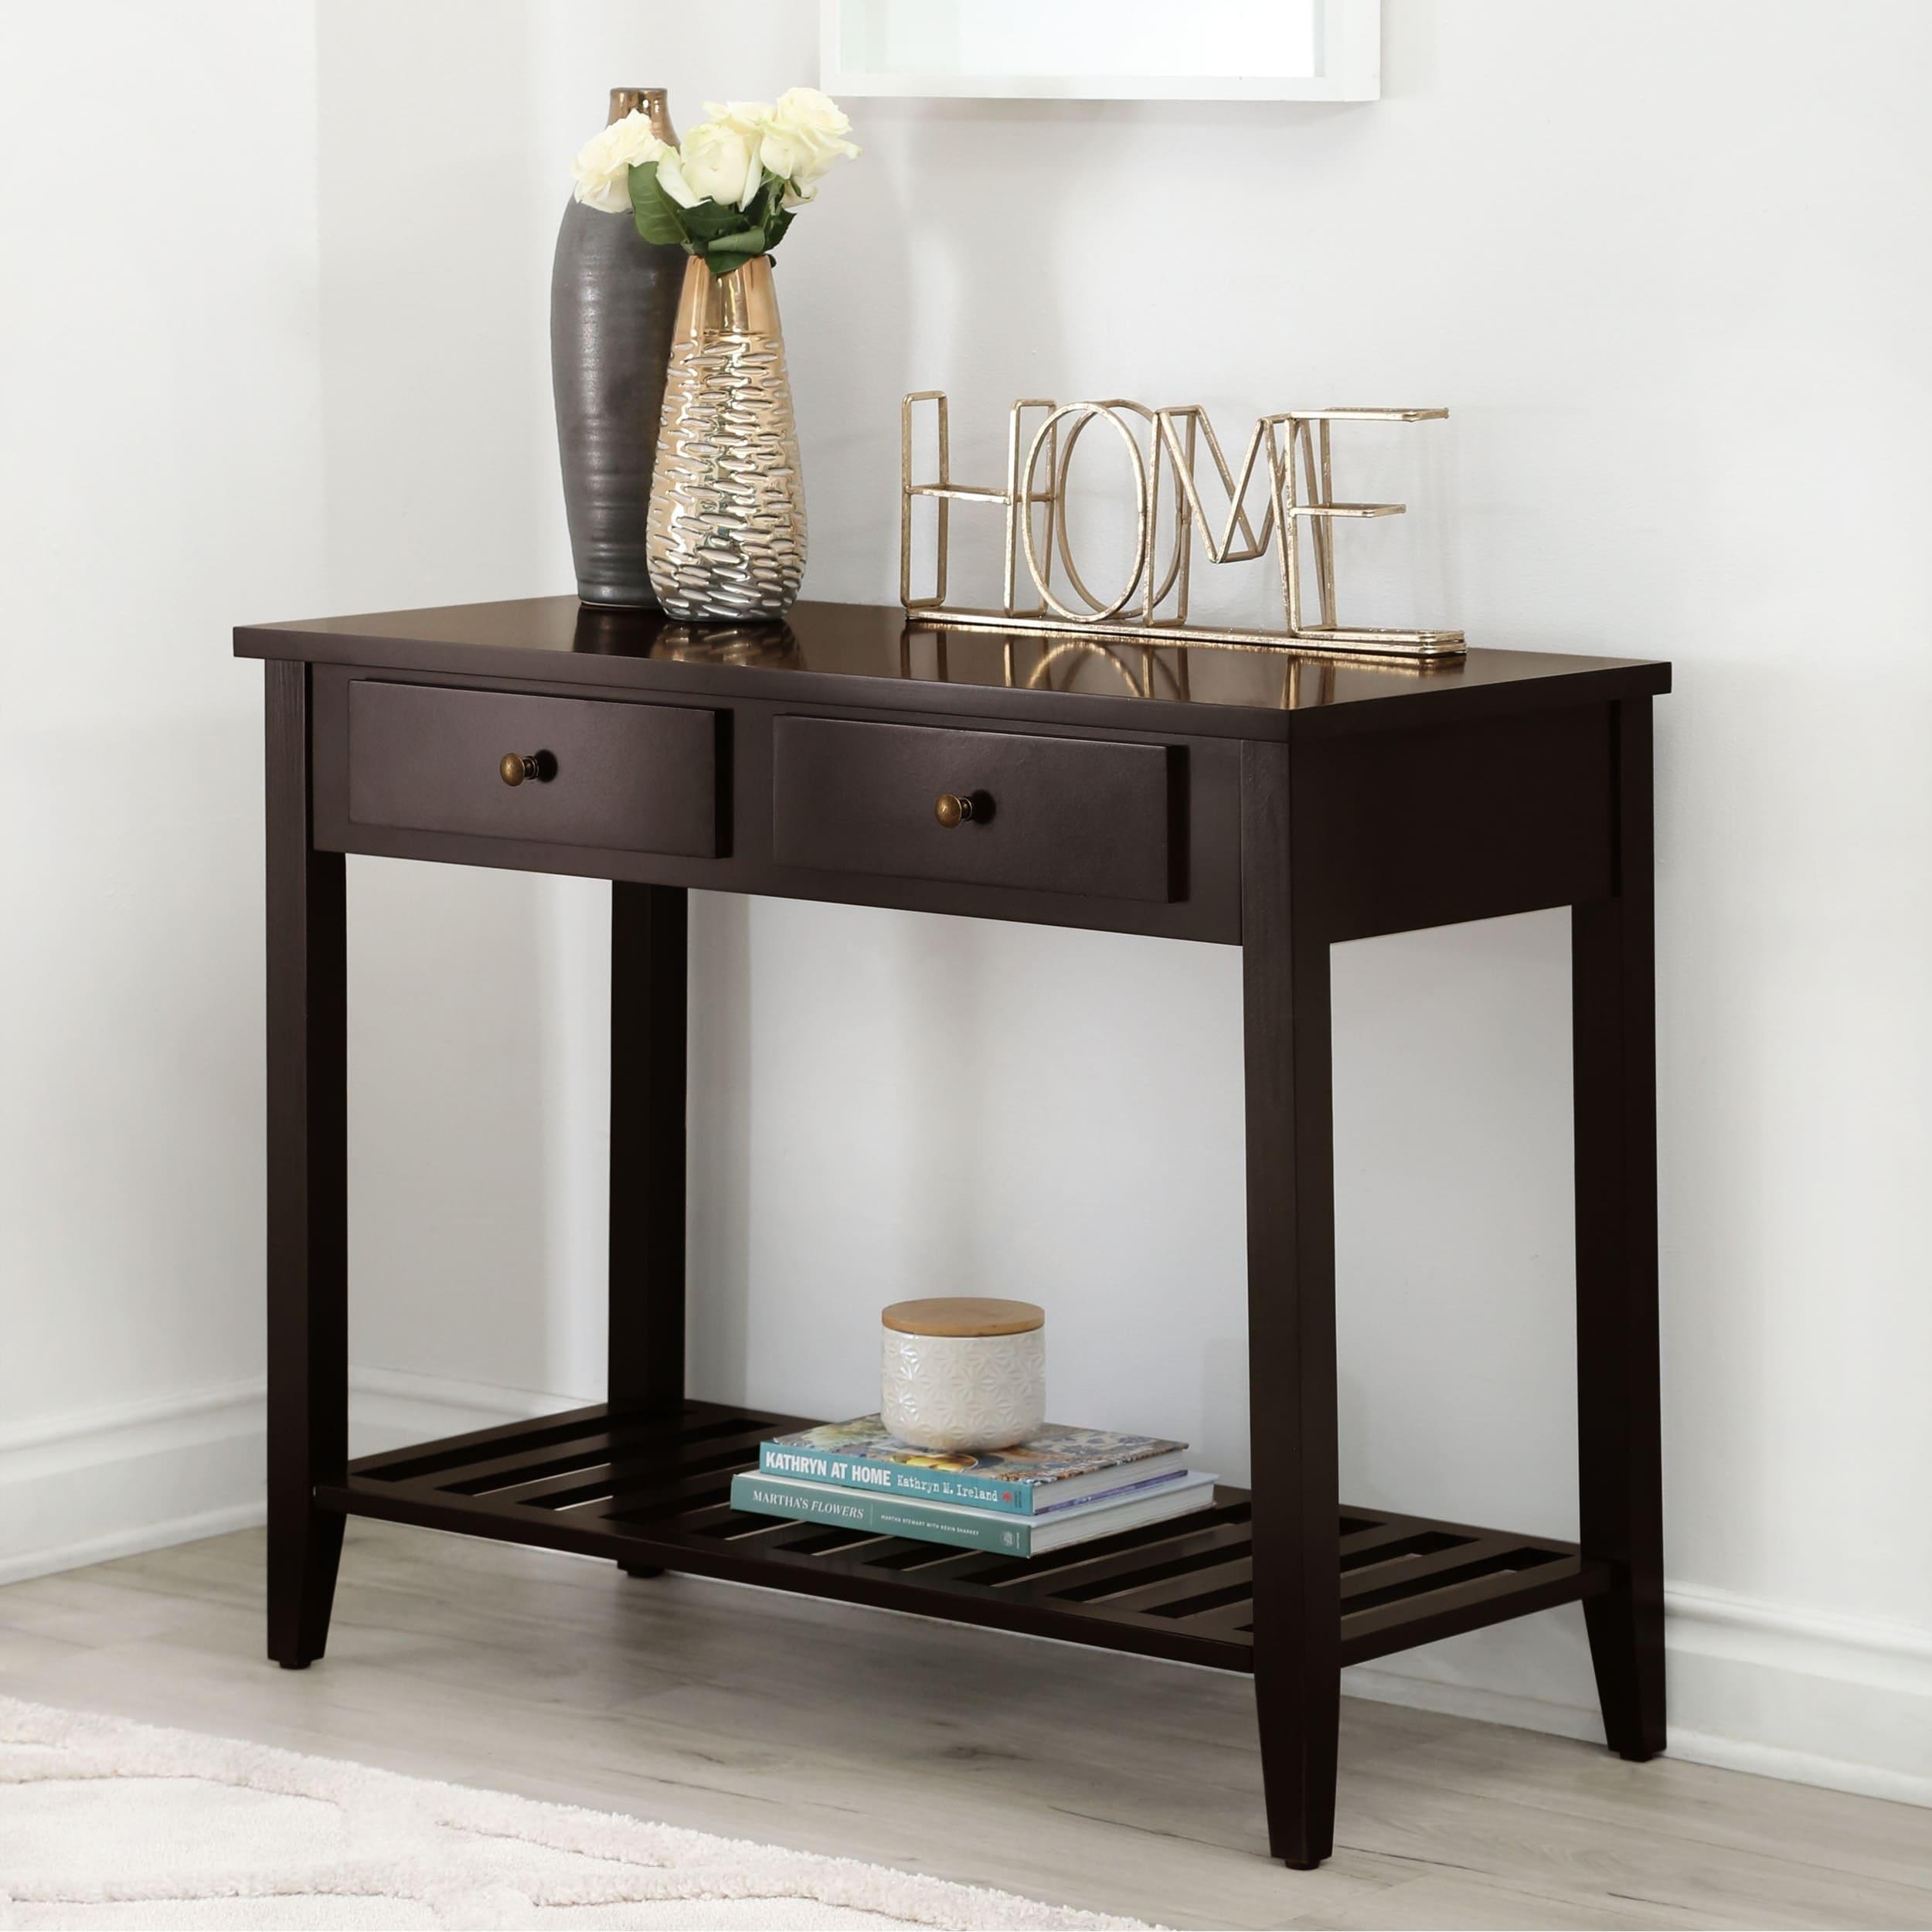 Abbyson Contemporary Espresso Black Wood Sofa Table